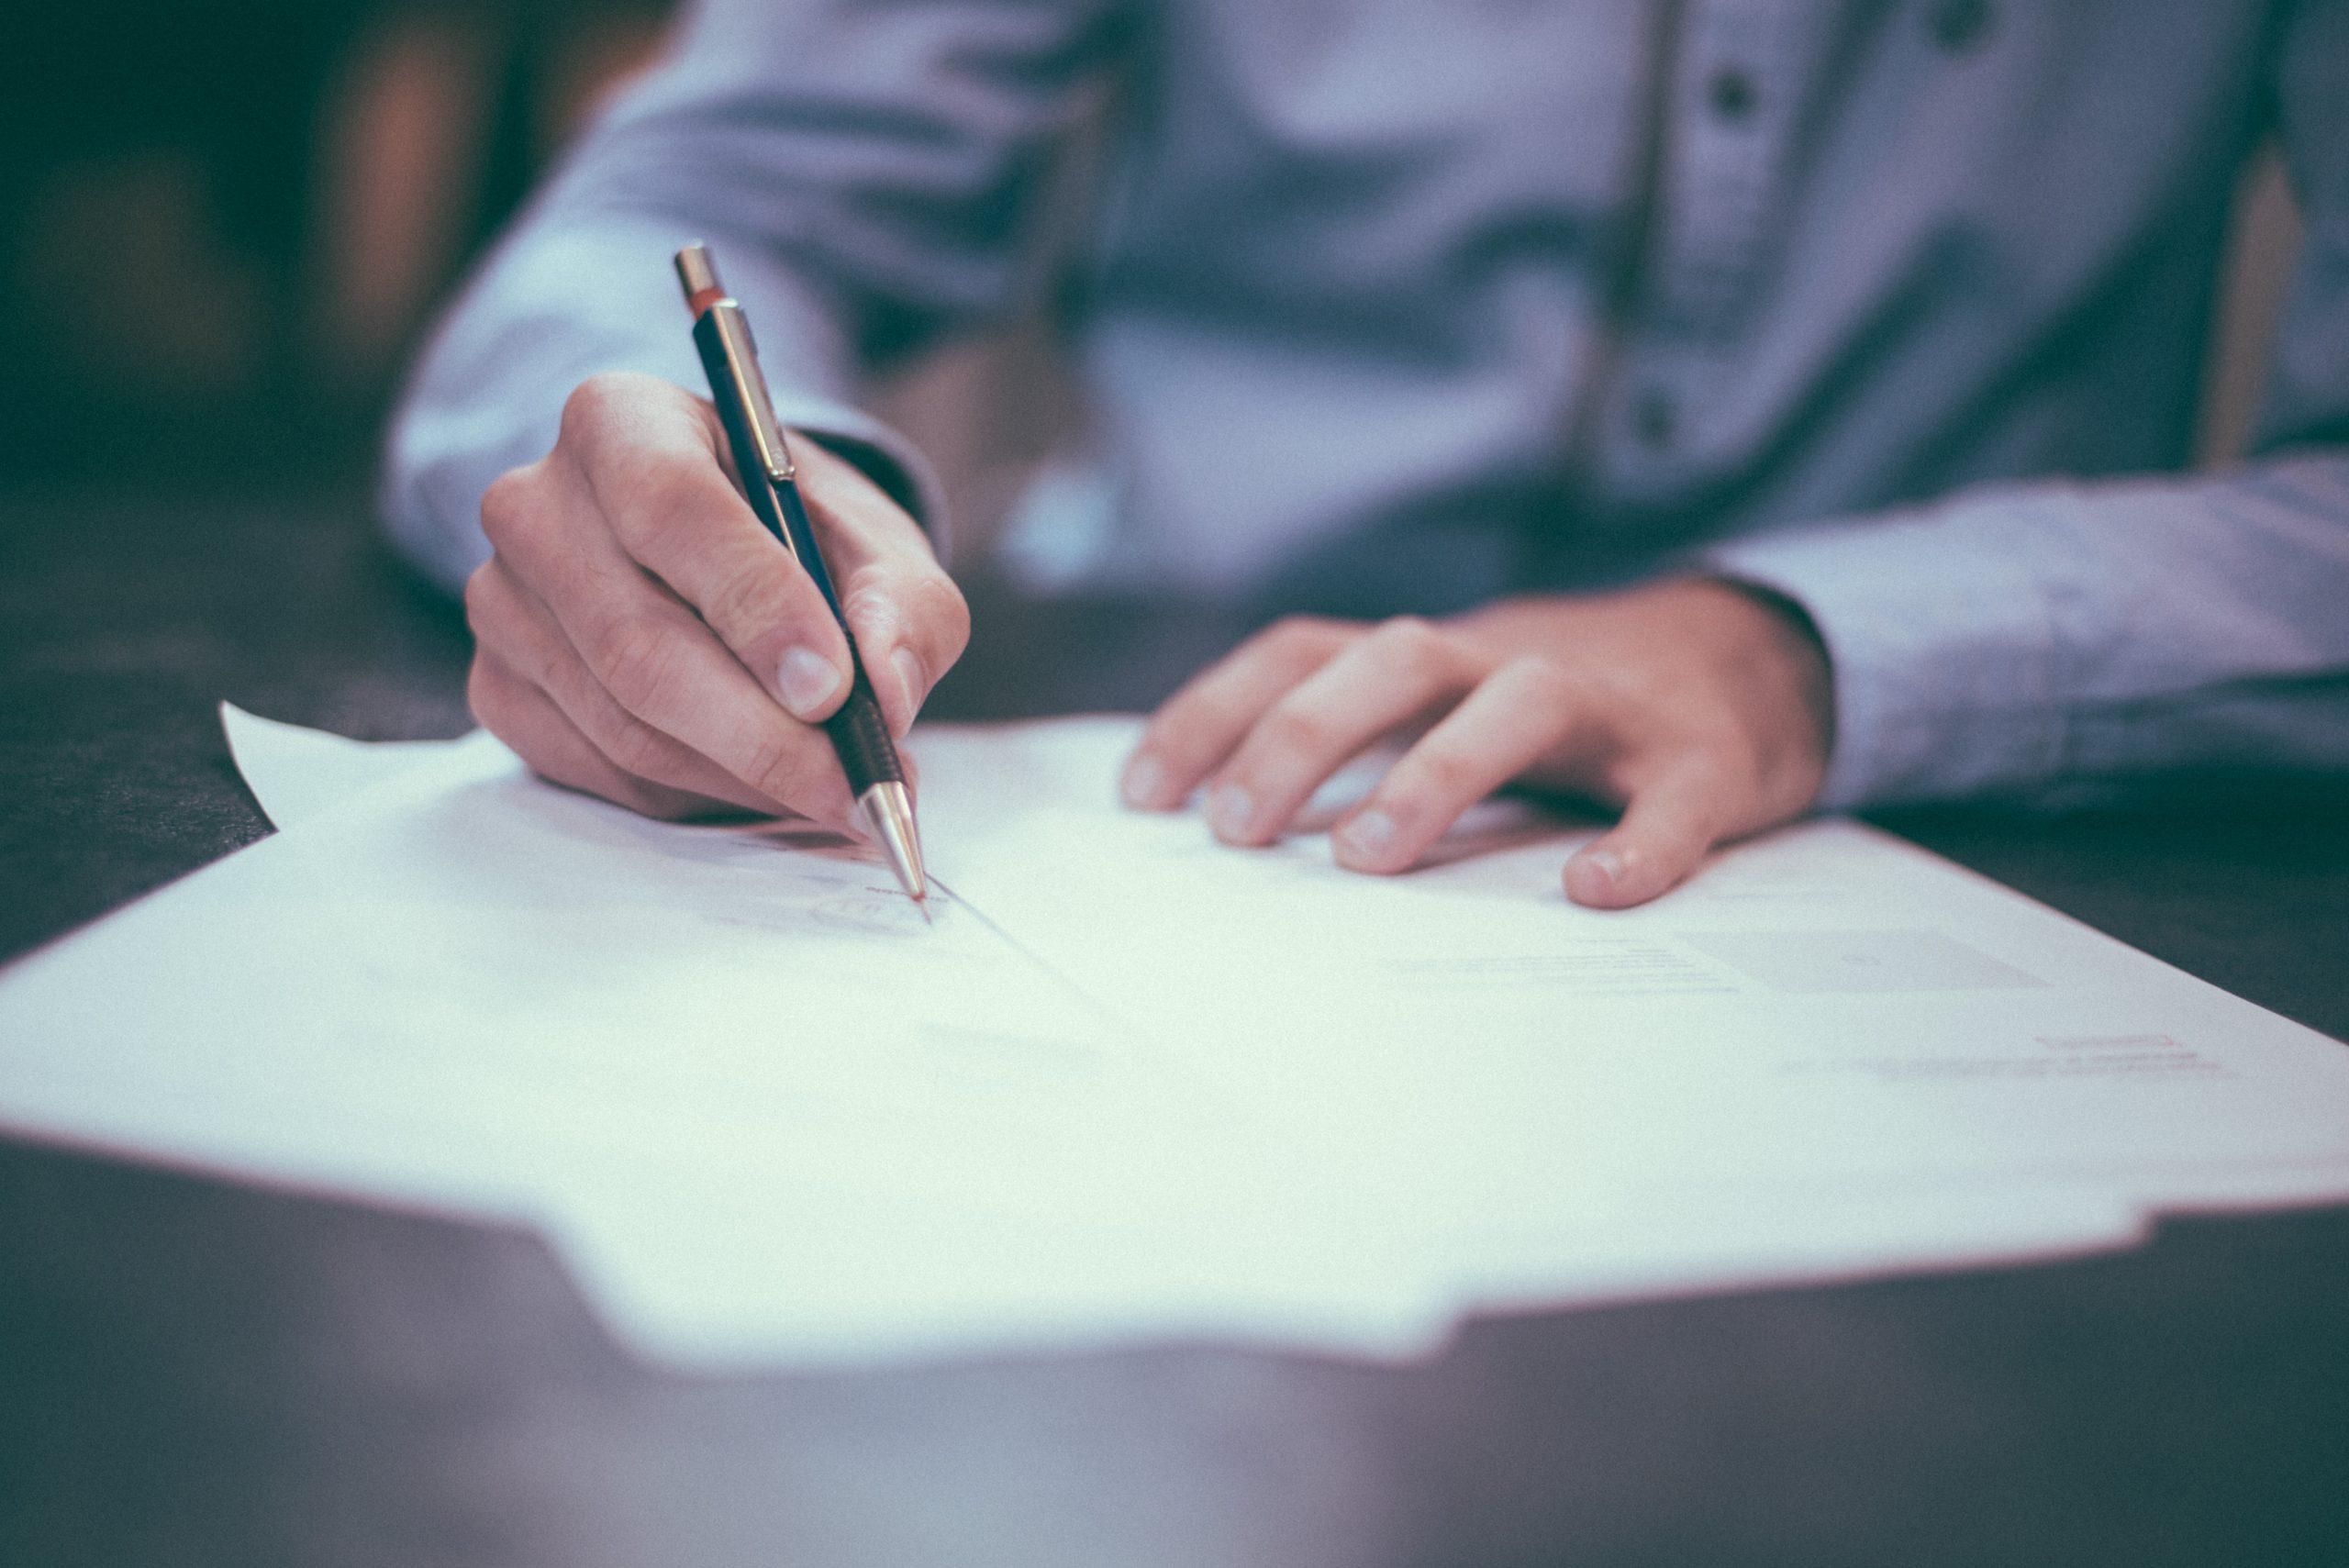 De opleiding is geaccrediteerd als onderdeel (het eerste jaar) van de driejarige beroepsopleiding ACT & Psychosociaal Therapeut bij de Stichting Keurmerk Beroepsscholingen, SKB.